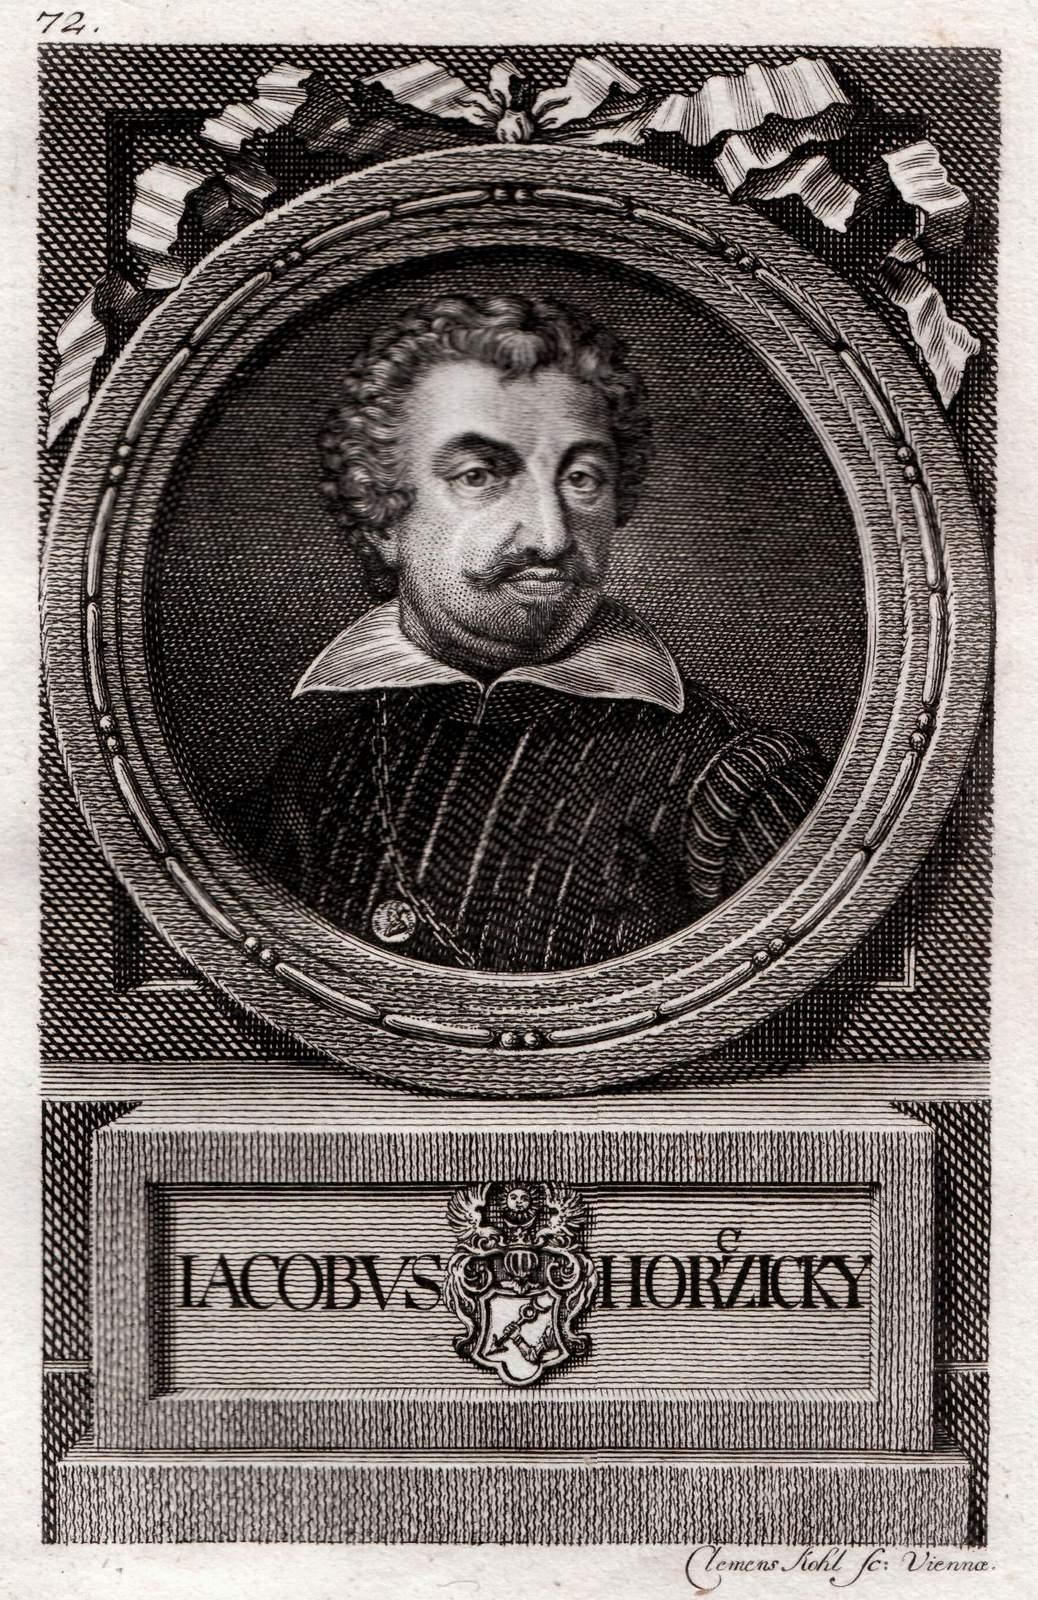 Jacobus_Sinapius.jpg